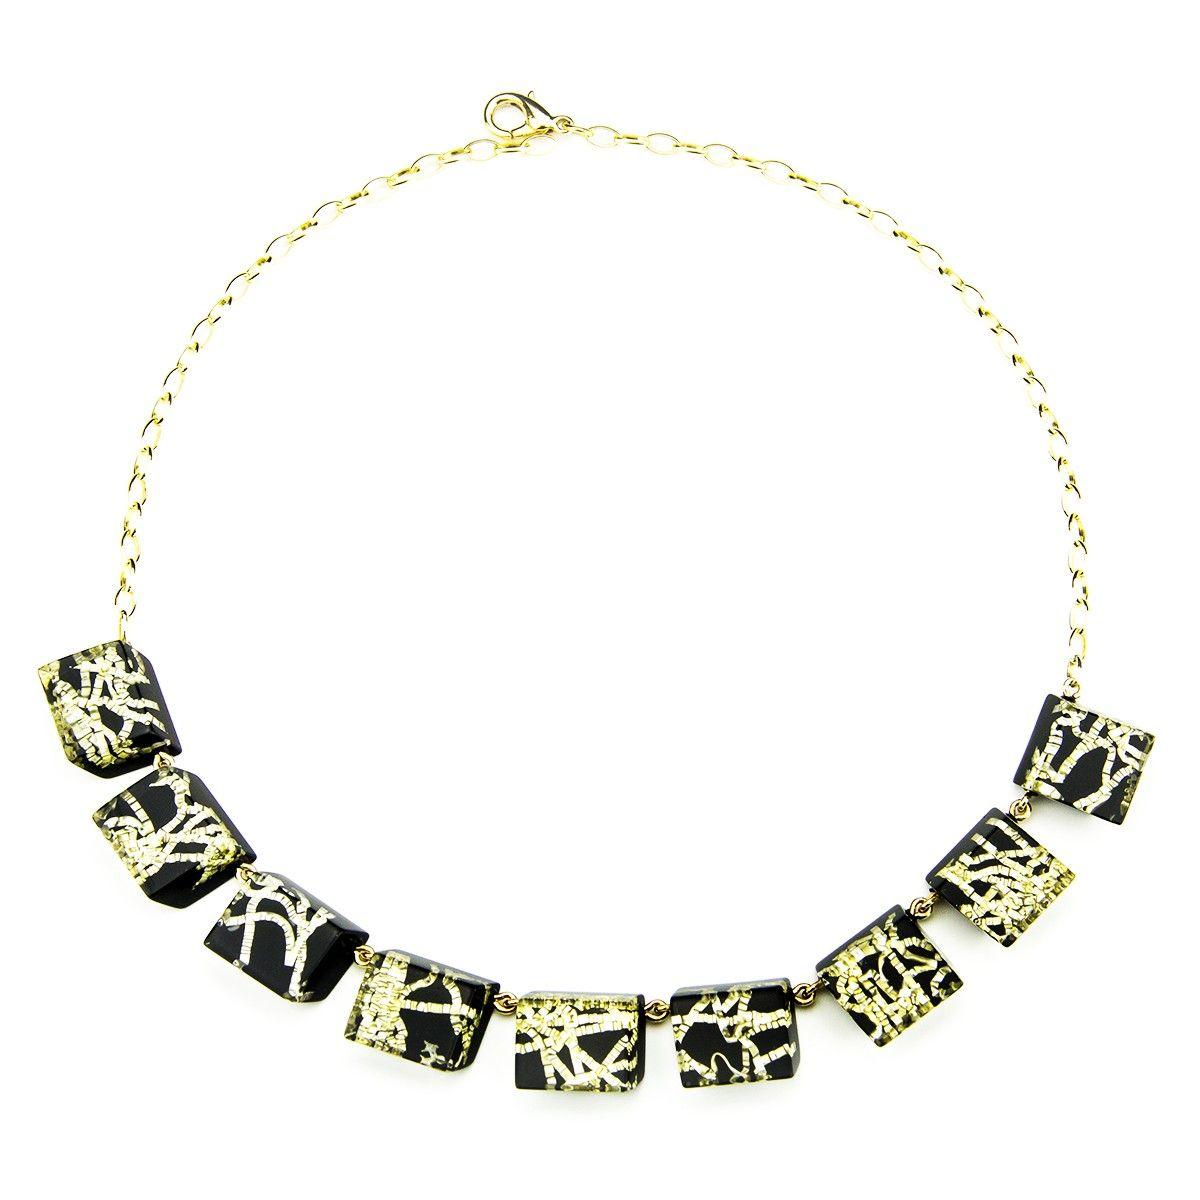 Rechteck-Halbkette in Schwarz mit Goldtextur-Einschluss* Necklace Black Acrylic with Goldtexture inside * Pyramonte Berlin